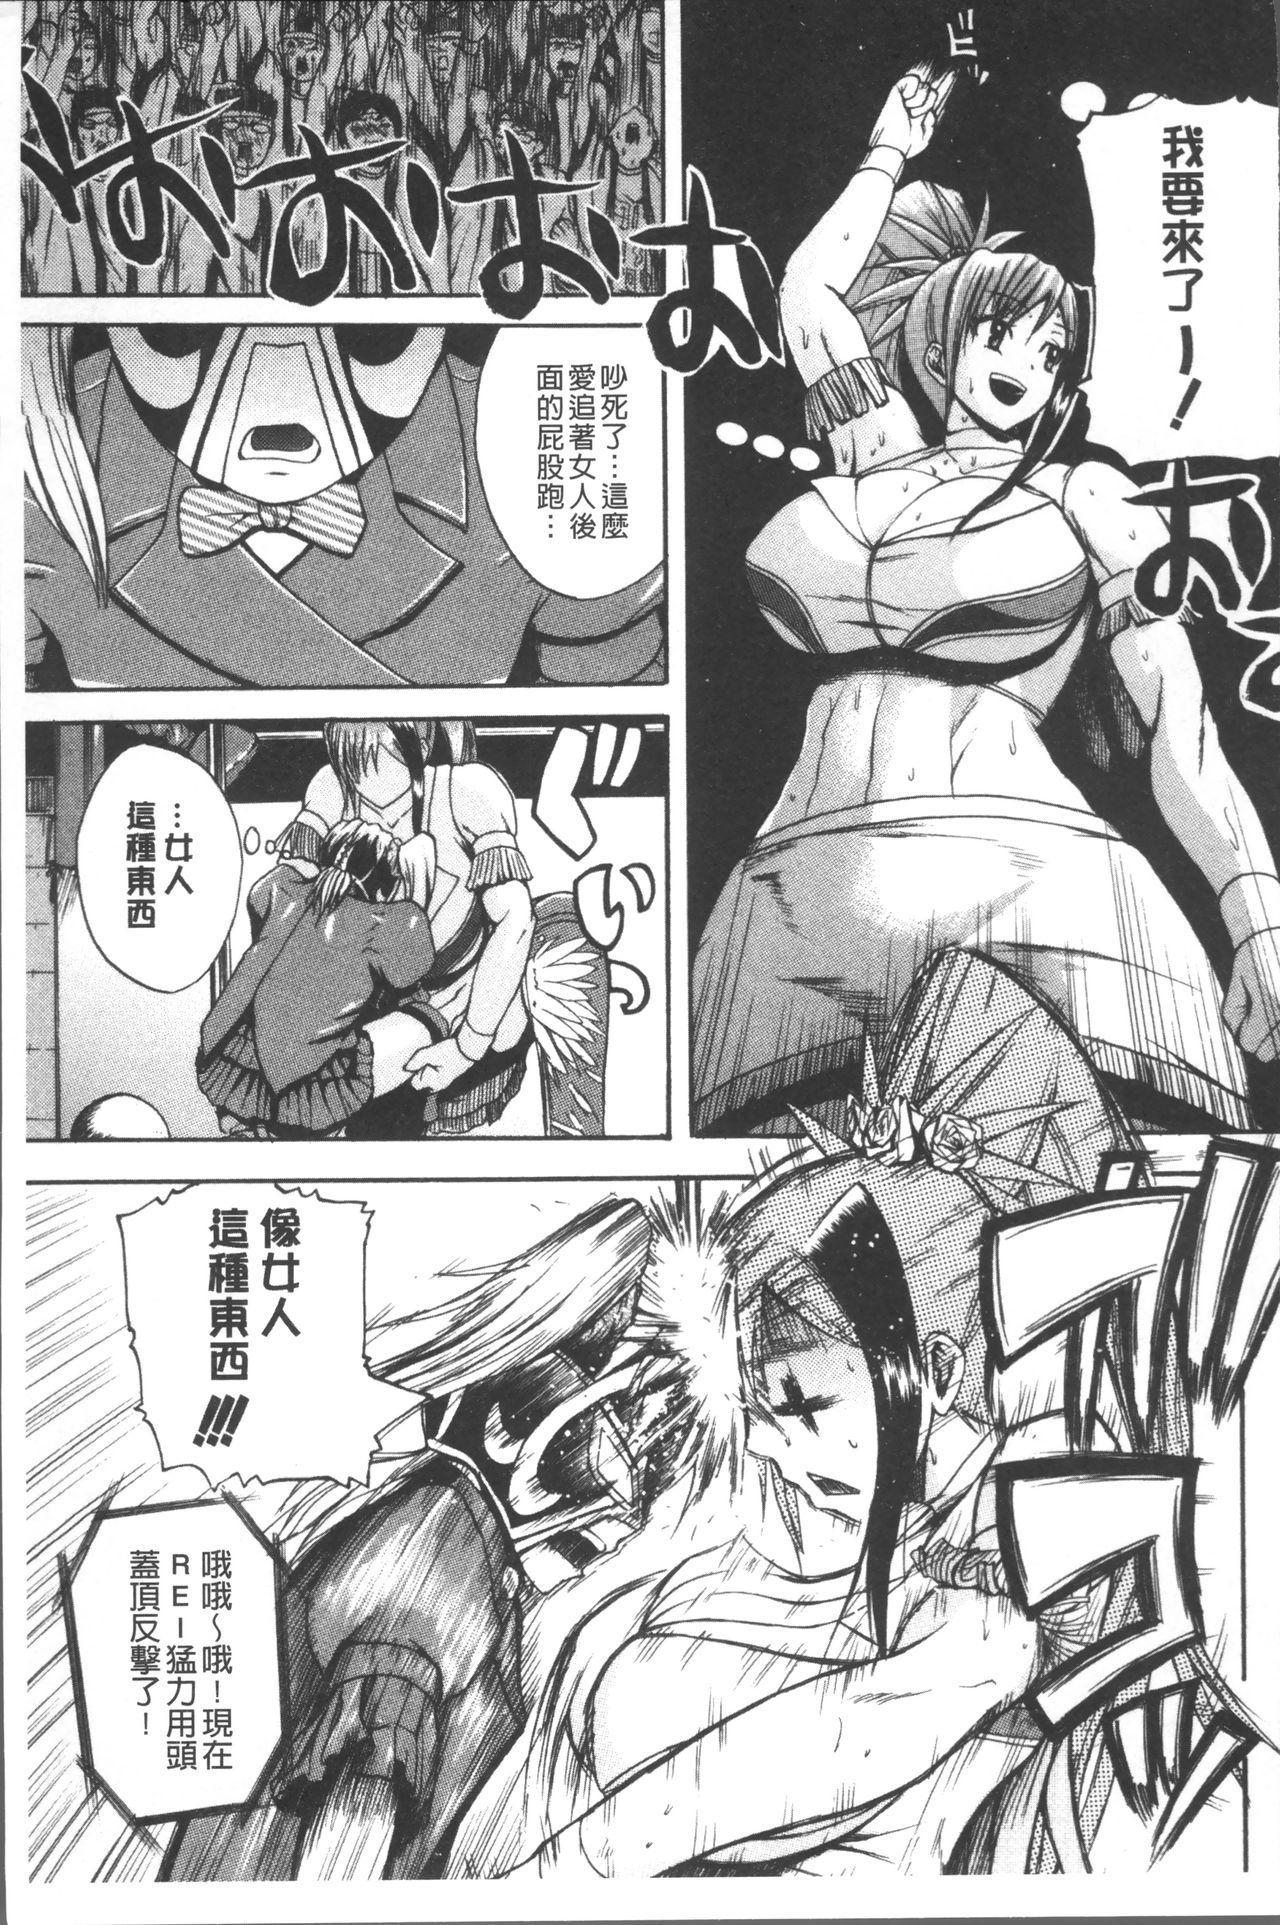 Monzetsu Taigatame 40